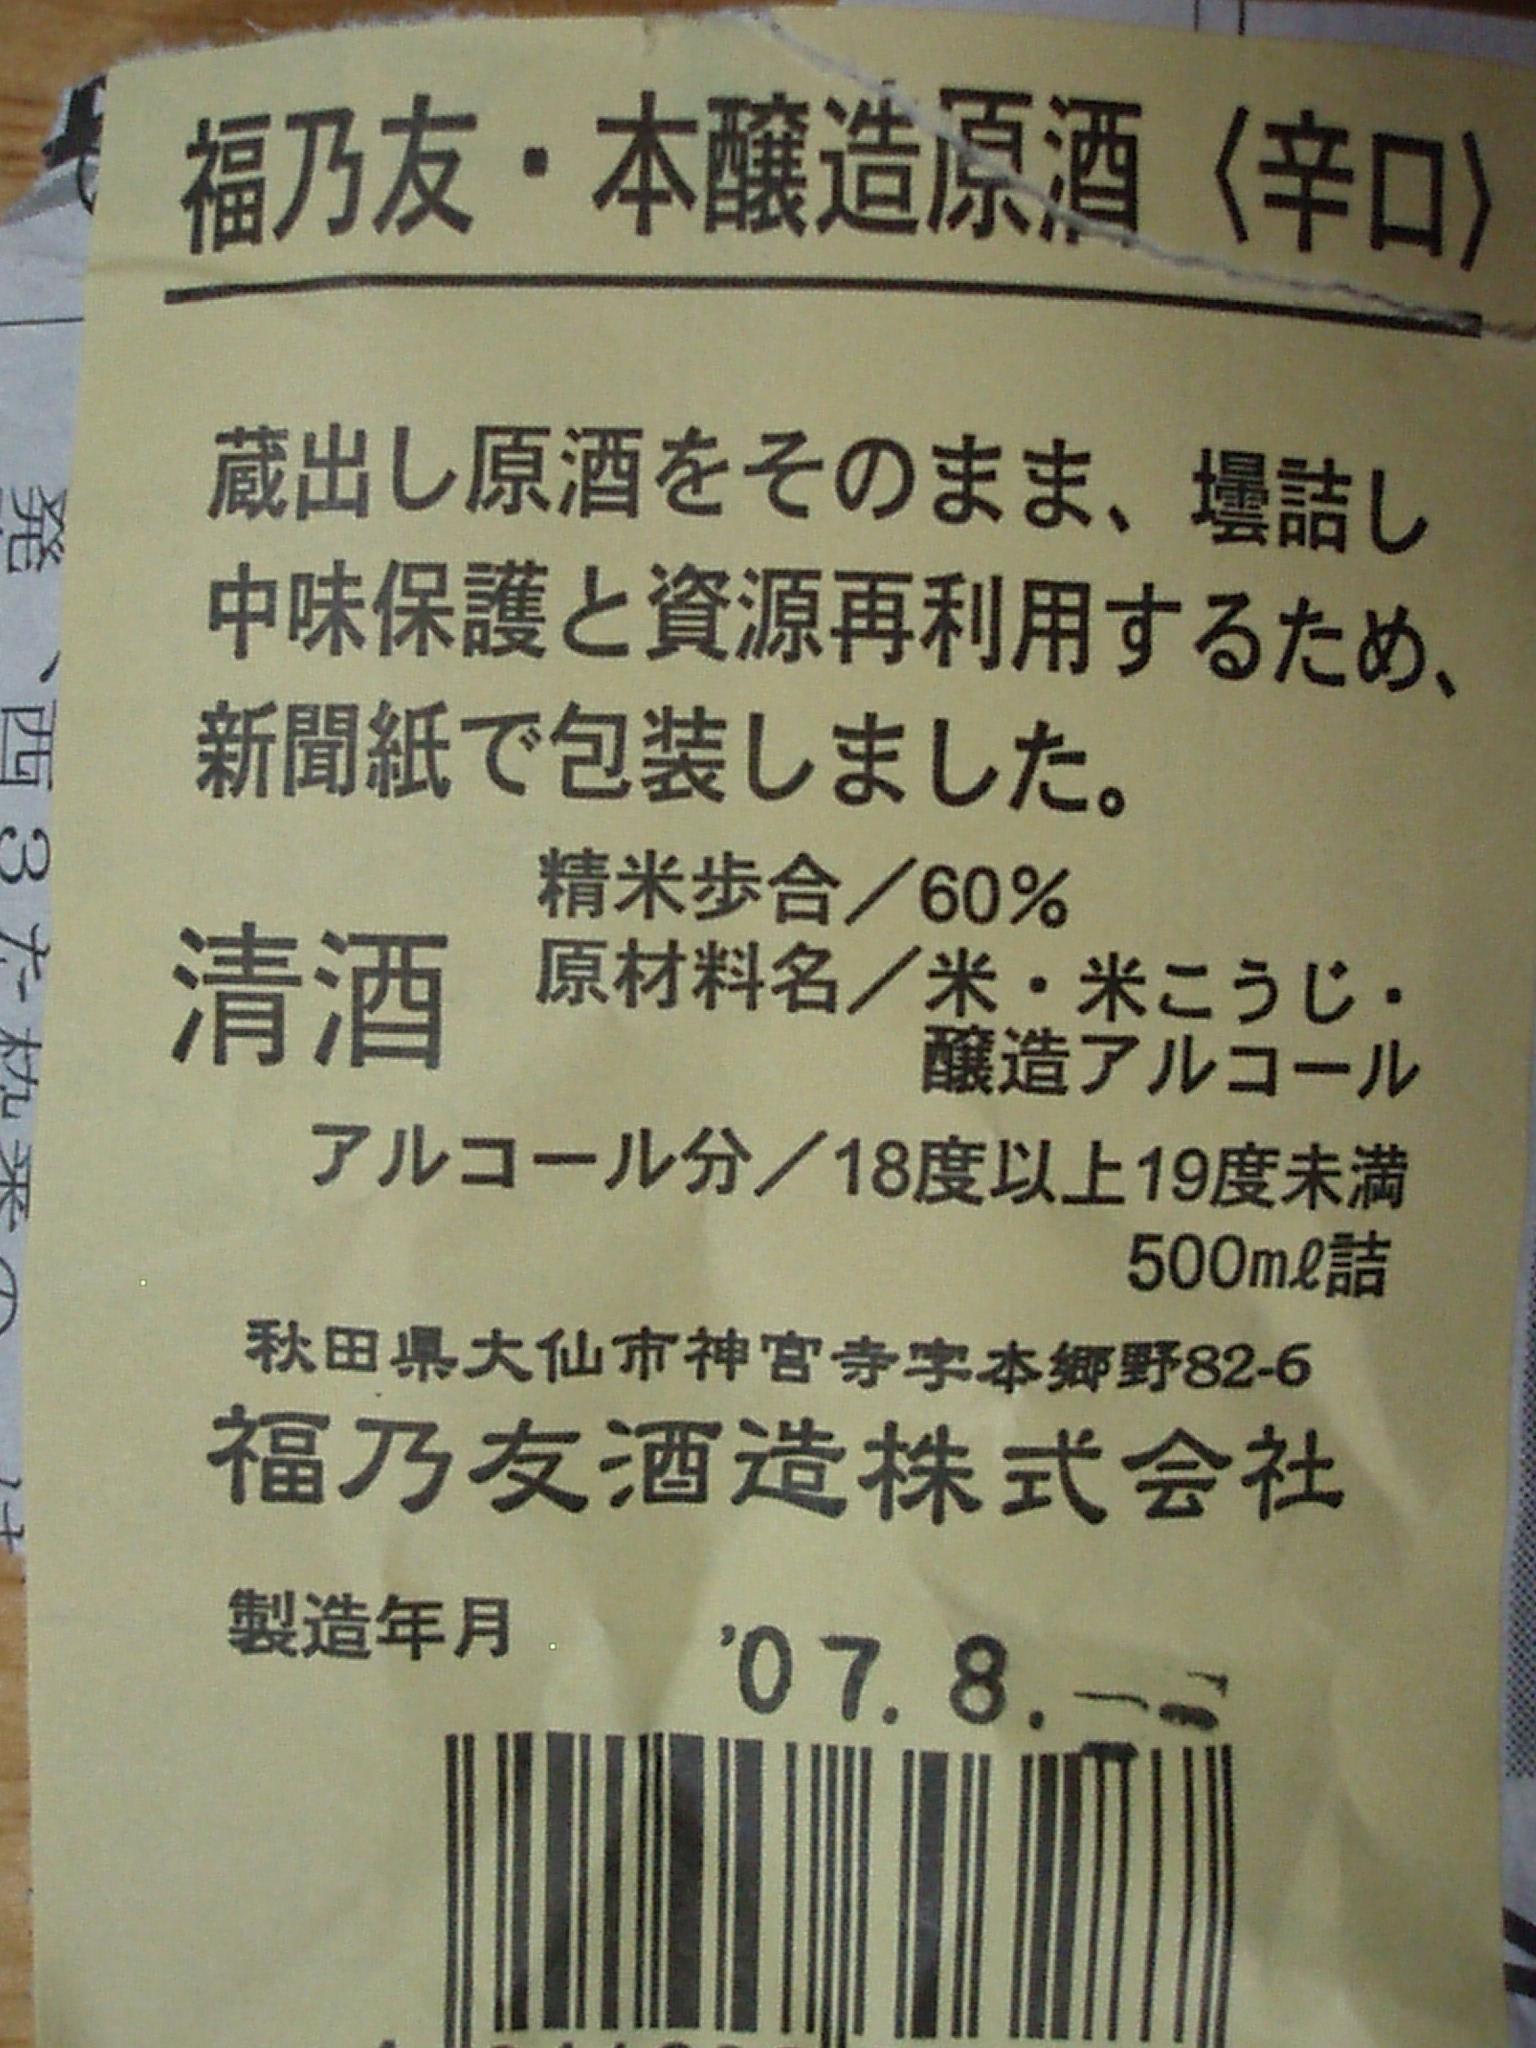 070829-haba-011.jpg